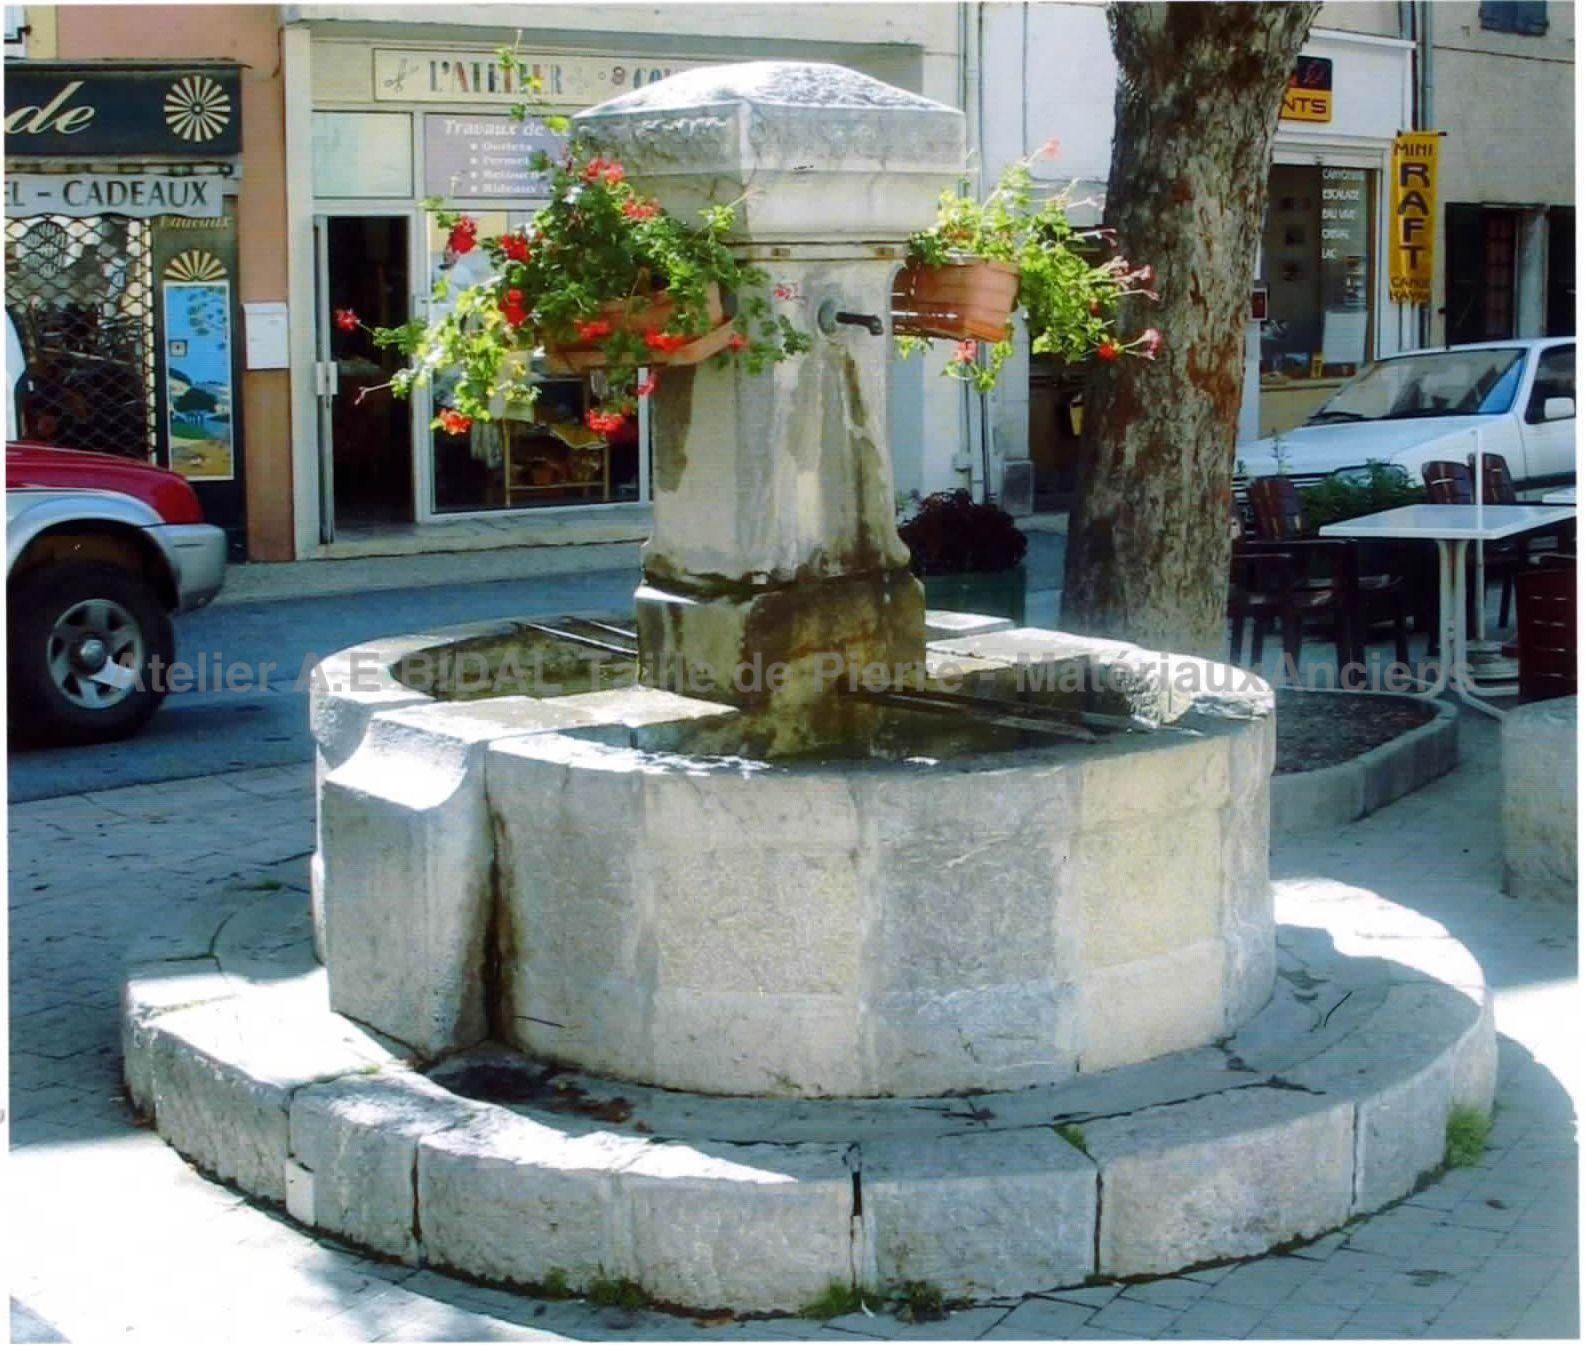 Fontaine de village de style rustique, taille de pierre soignée ABidal